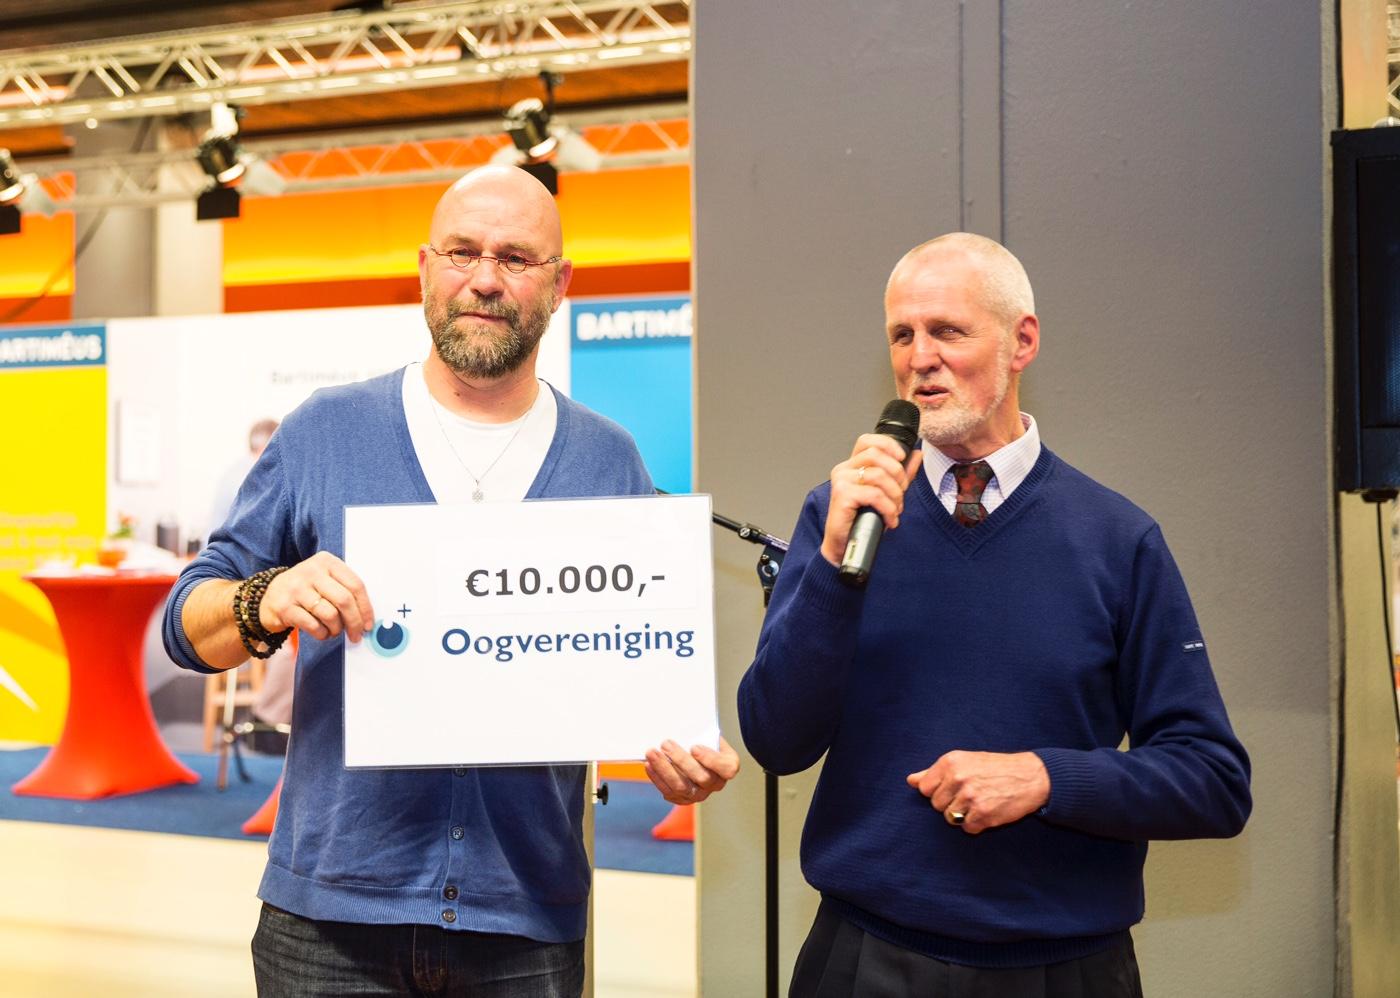 Rob van Vliet-innovatieprijs uitgereikt voor idee slimme deurbel